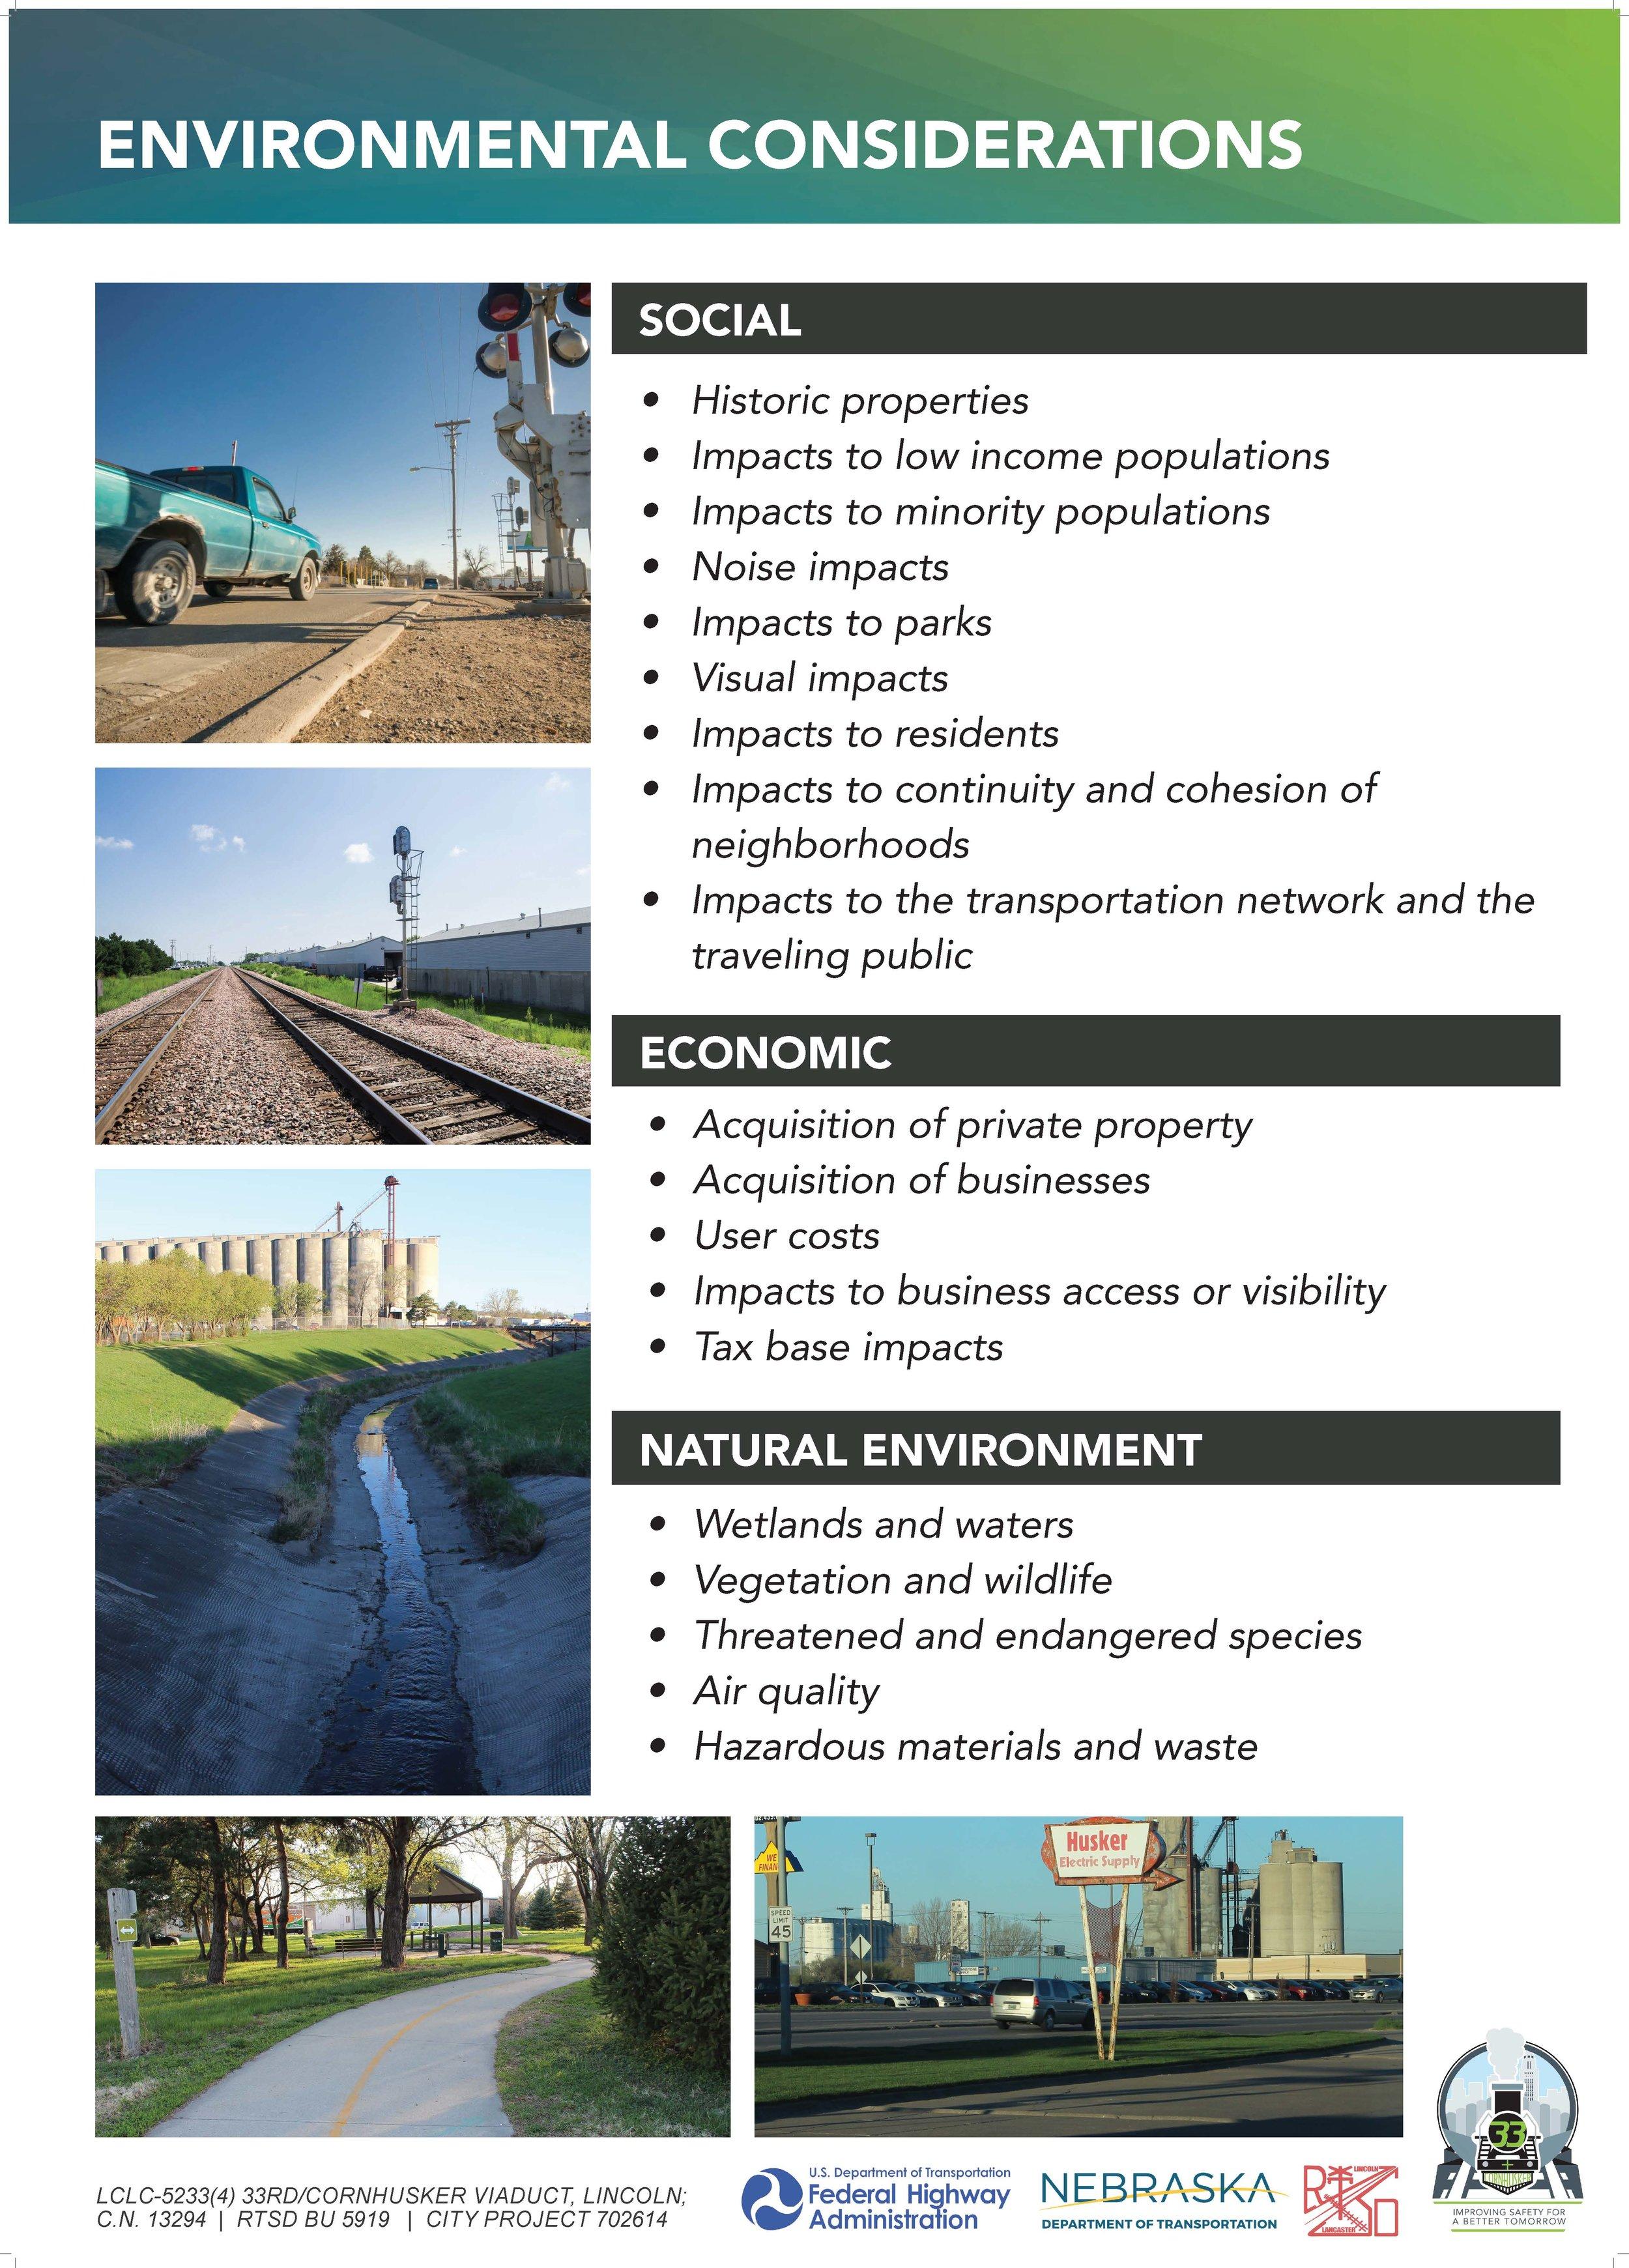 environmental considerations.jpg